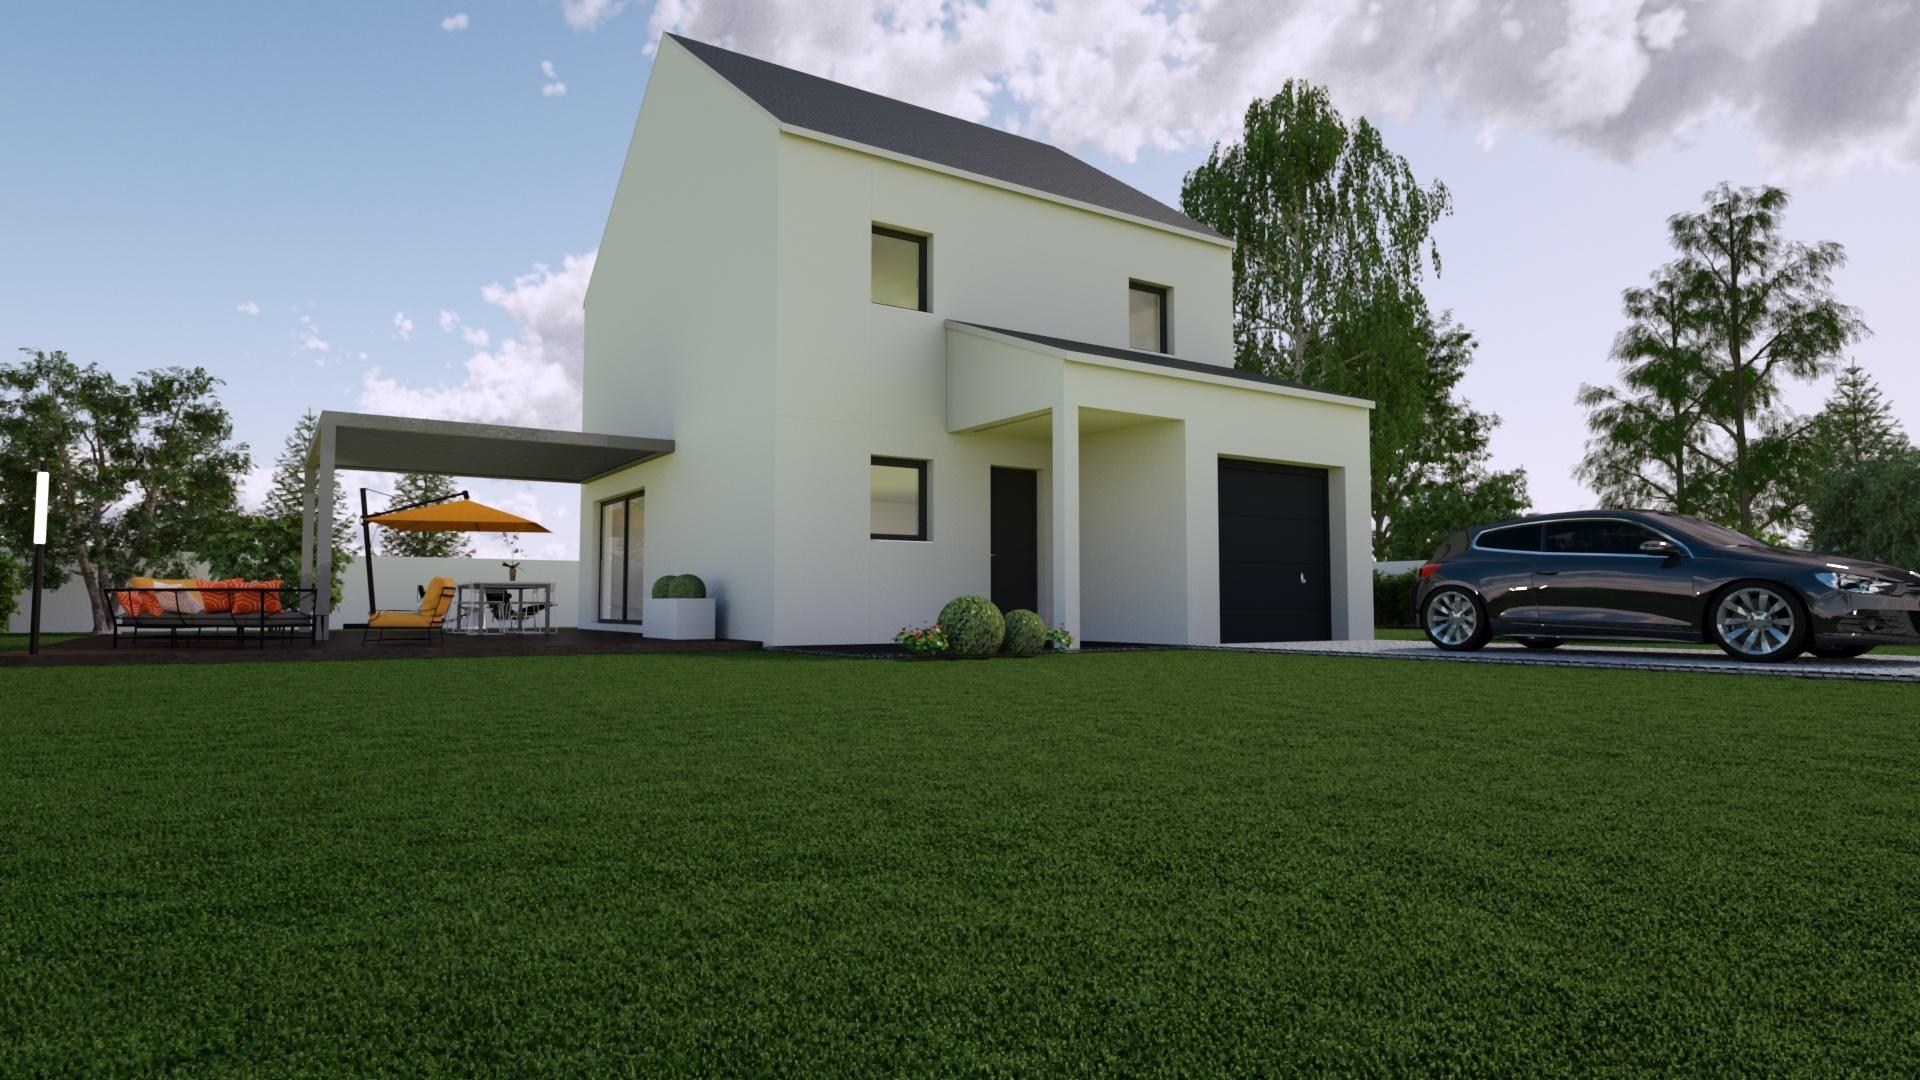 Maisons + Terrains du constructeur Mon Courtier Maison • 94 m² • SAINT HERBLON